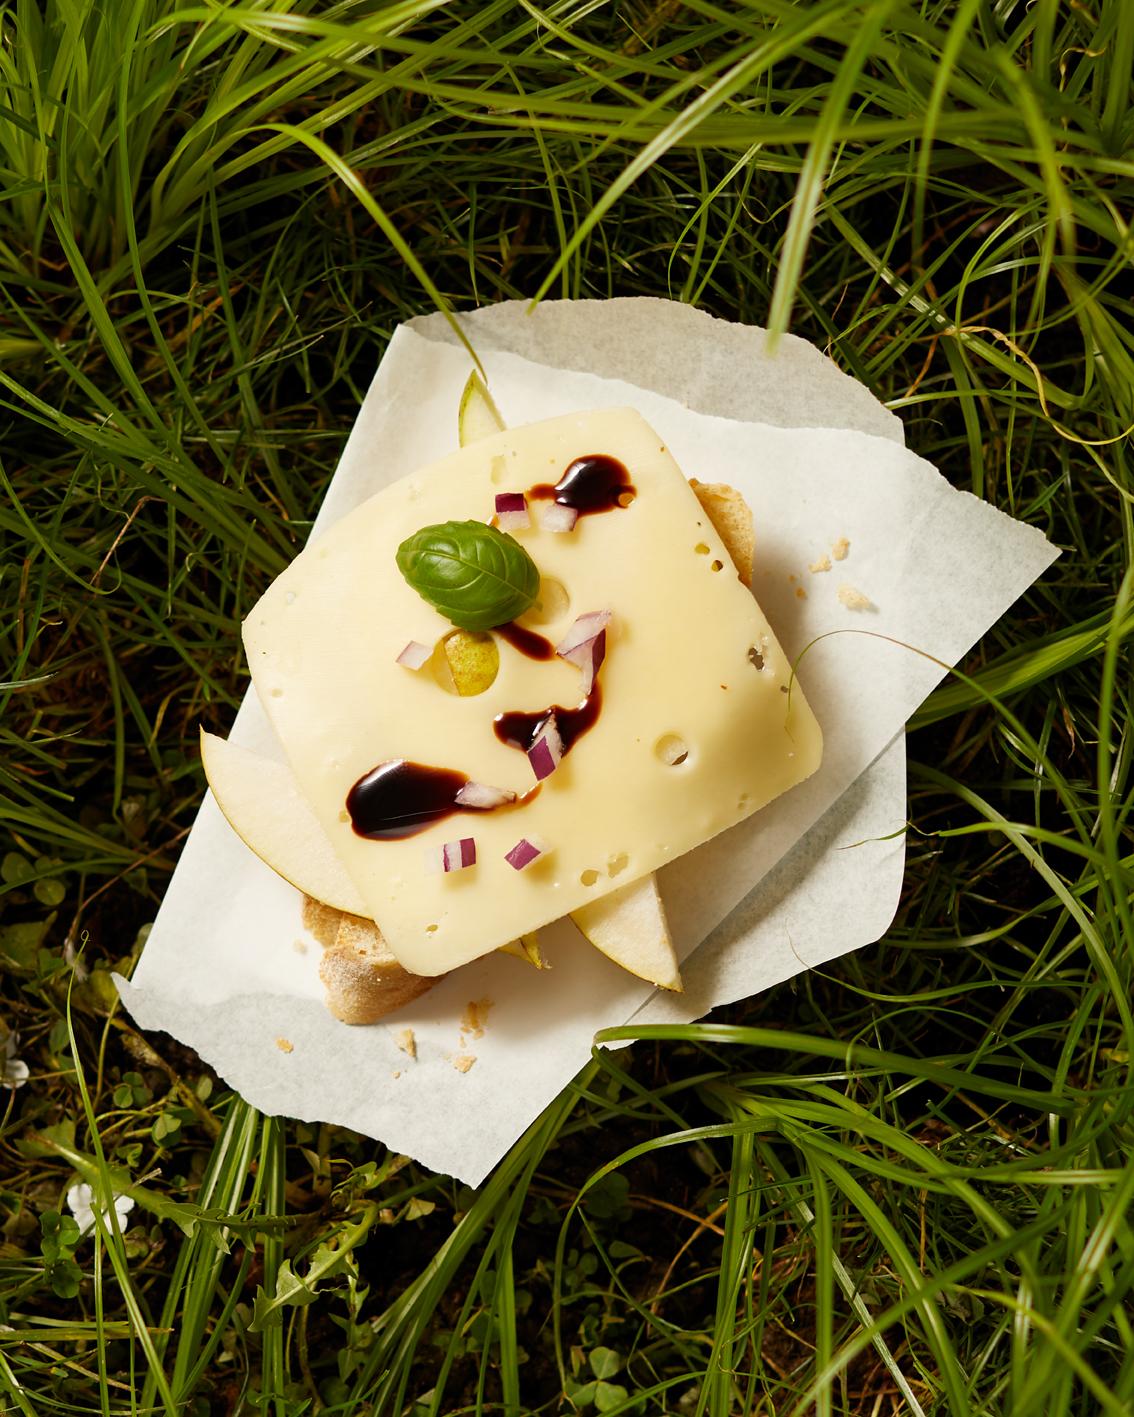 Food Fotografie, Food, Käsebrot, Käse, Picknick, Cheese, Christopher Shaw, Hamburg